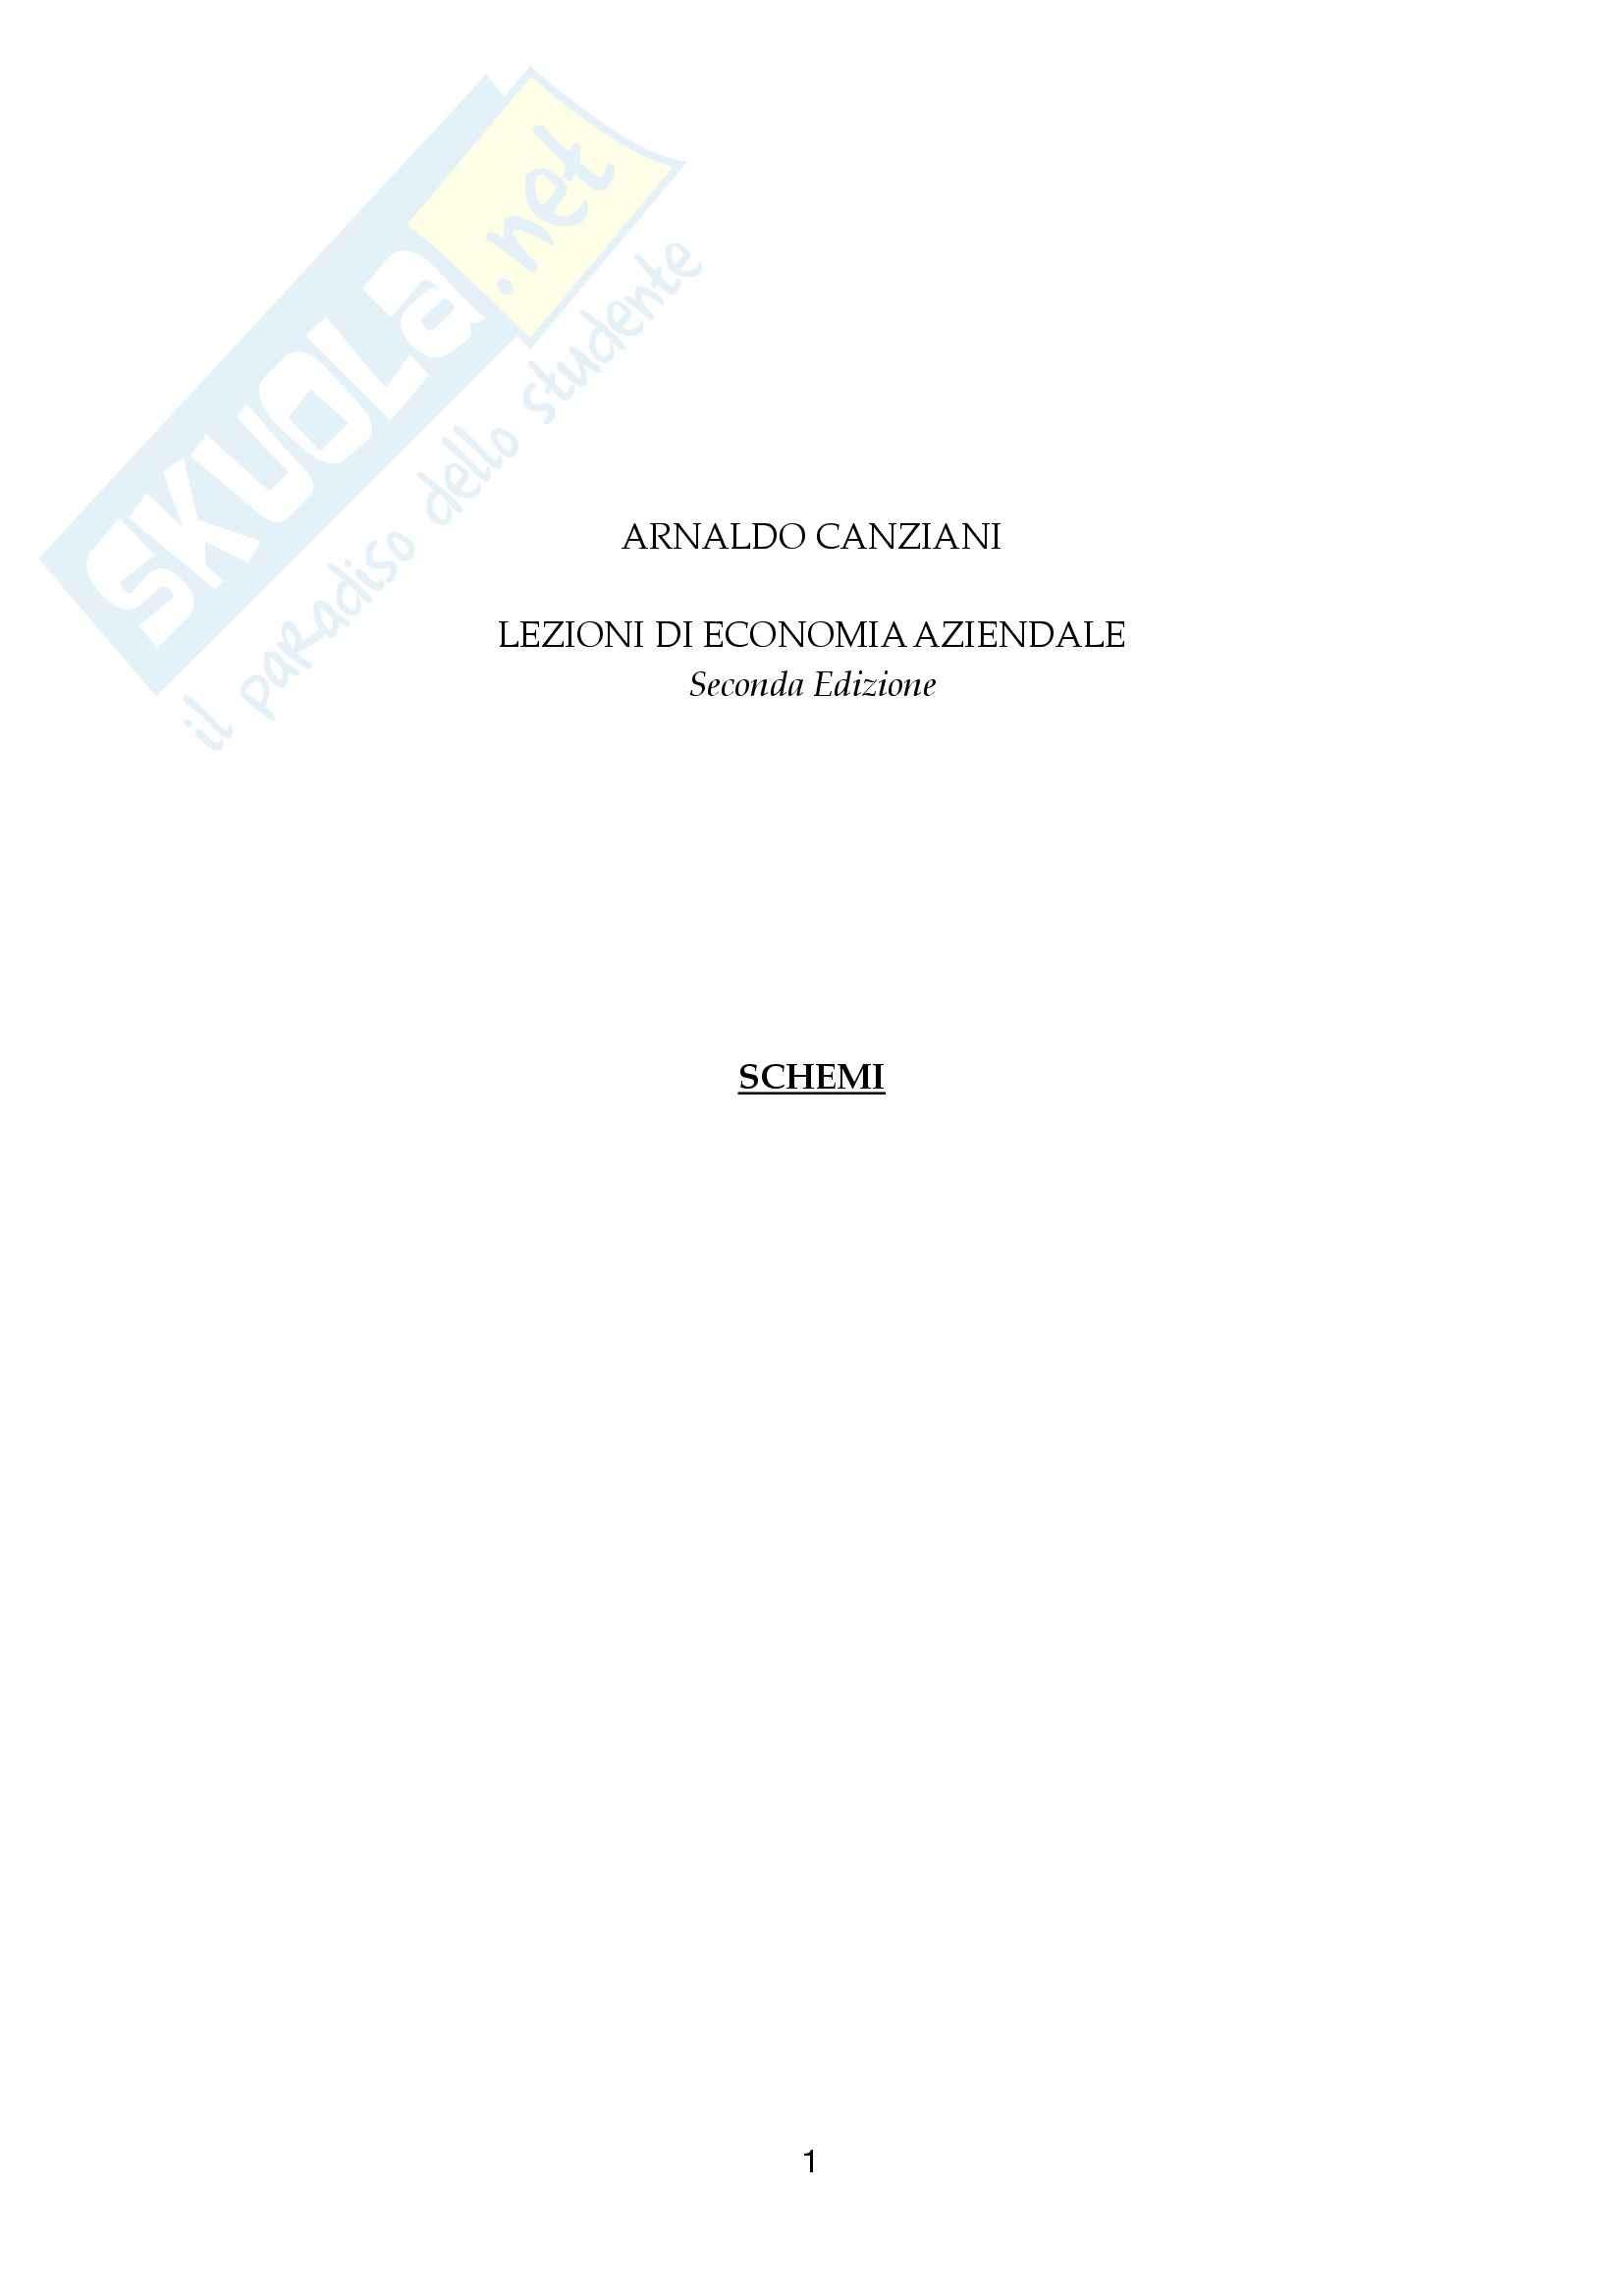 Riassunto esame Economia aziendale, prof. Canziani, libro consigliato Lezioni di Economia Aziendale